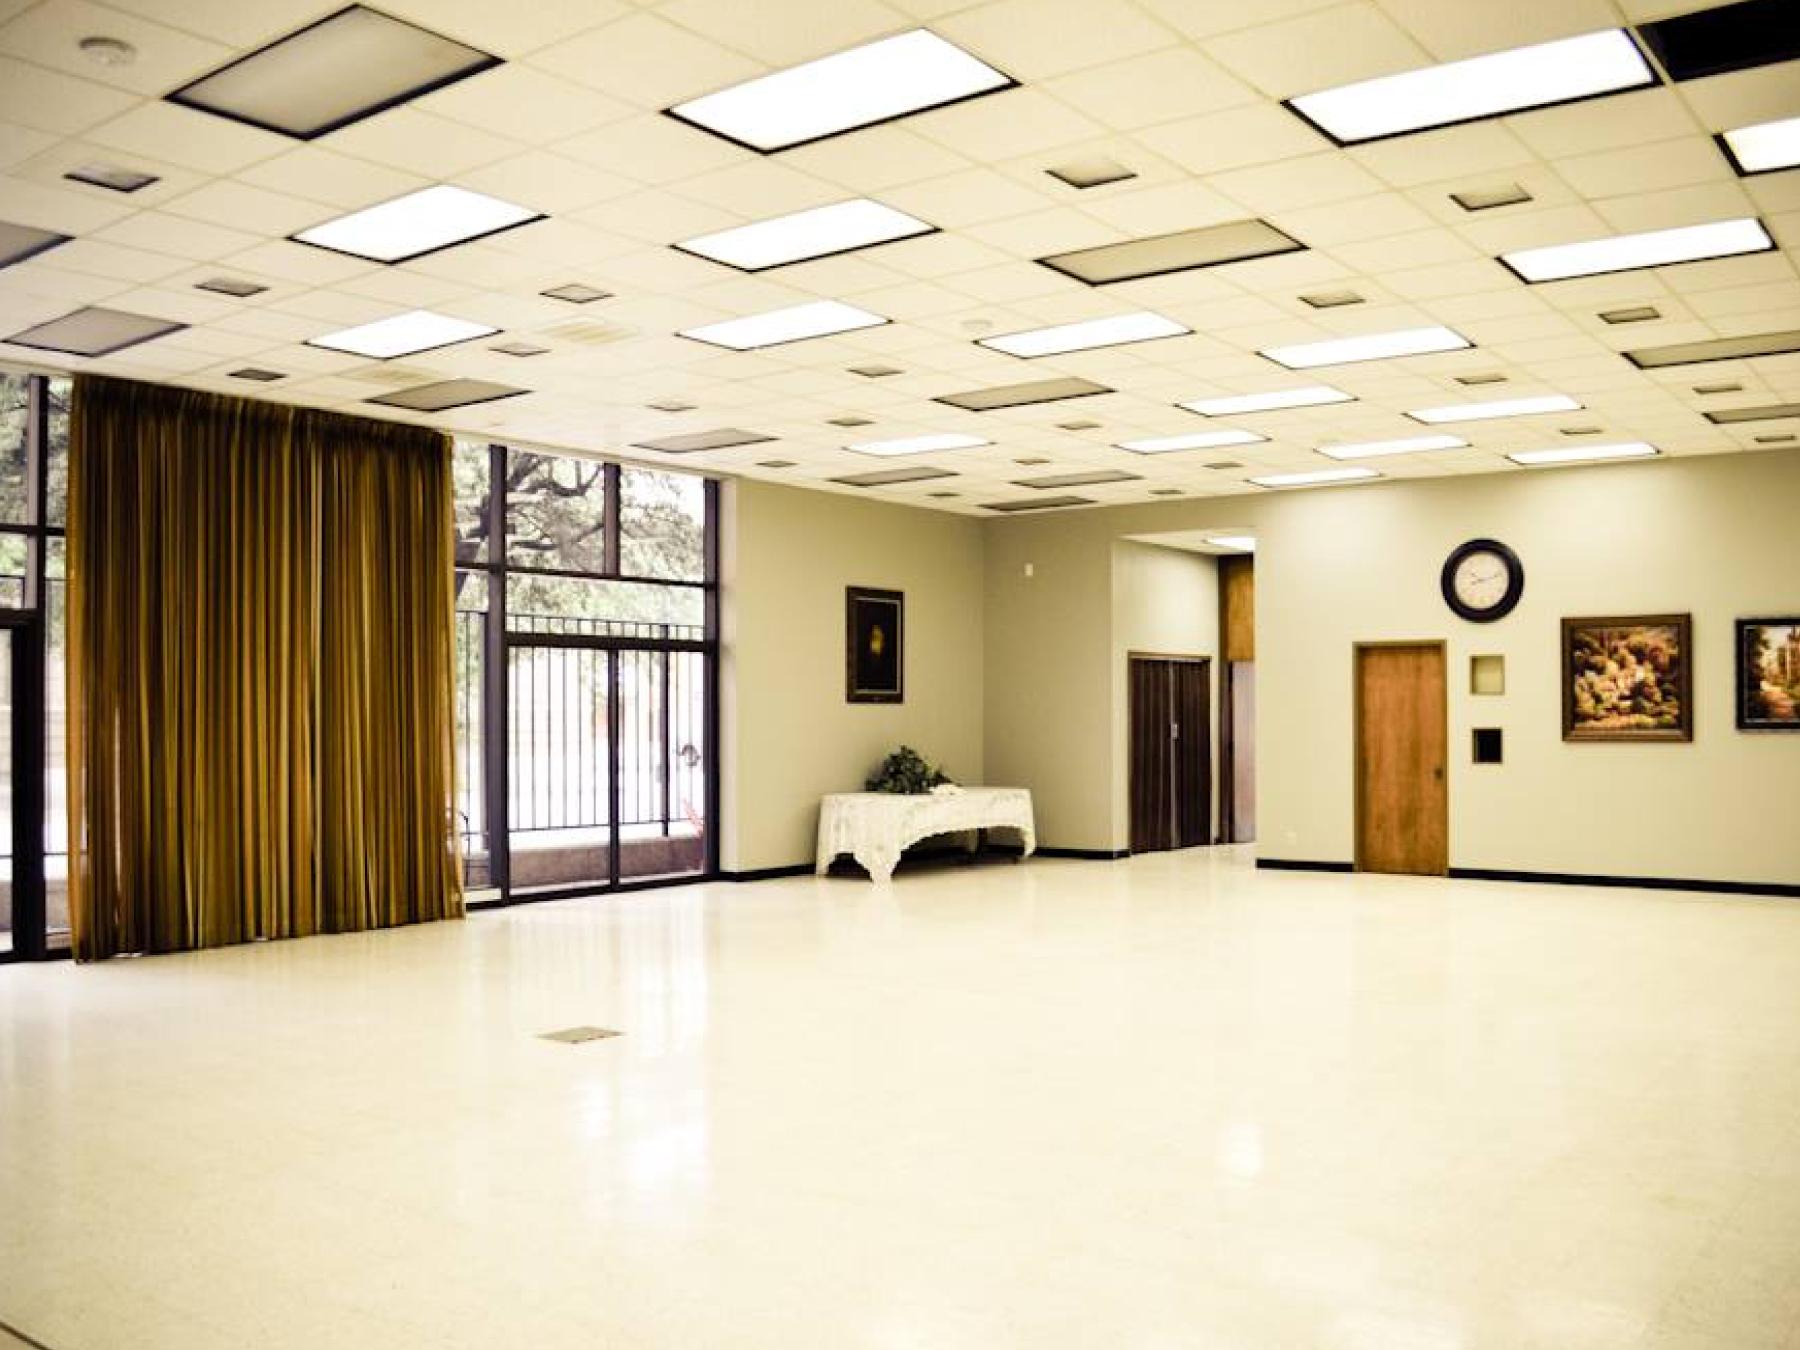 bistro express Wichita Falls centre point venue 3